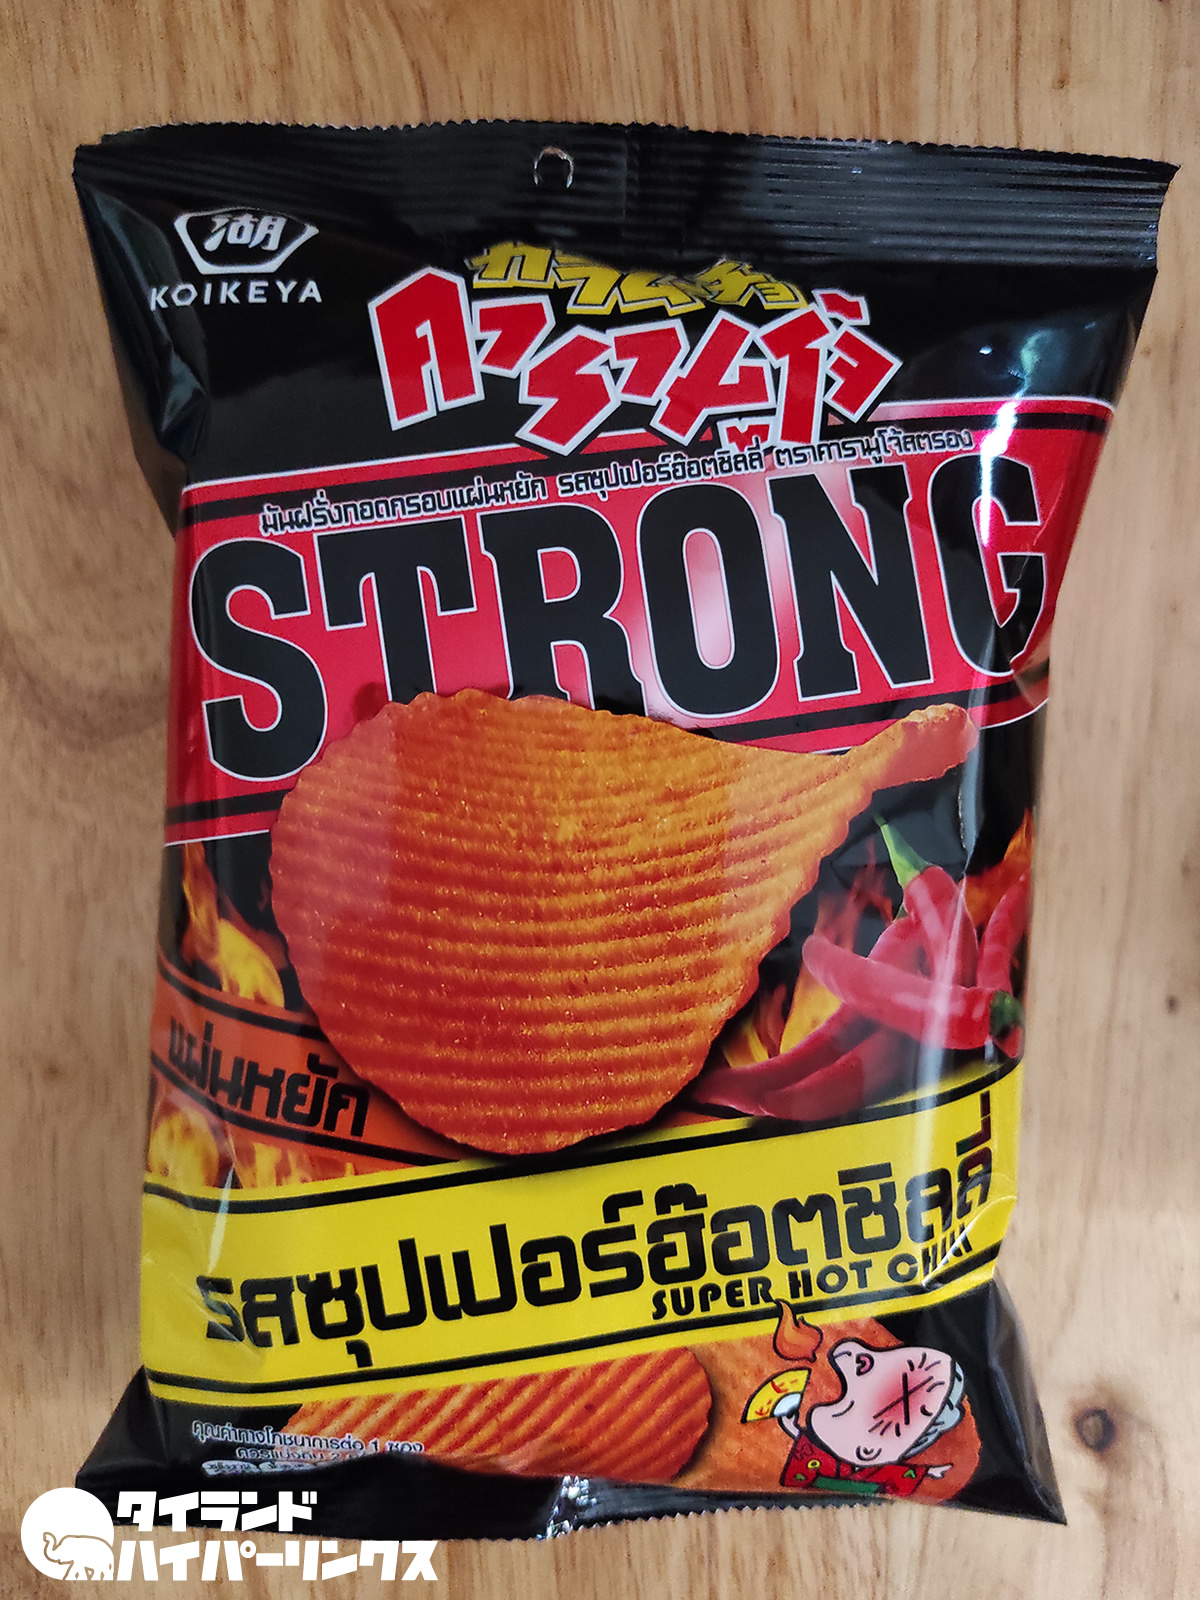 激辛で美味しい「カラムーチョ・ストロング・スーパーホットチリ味」新発売